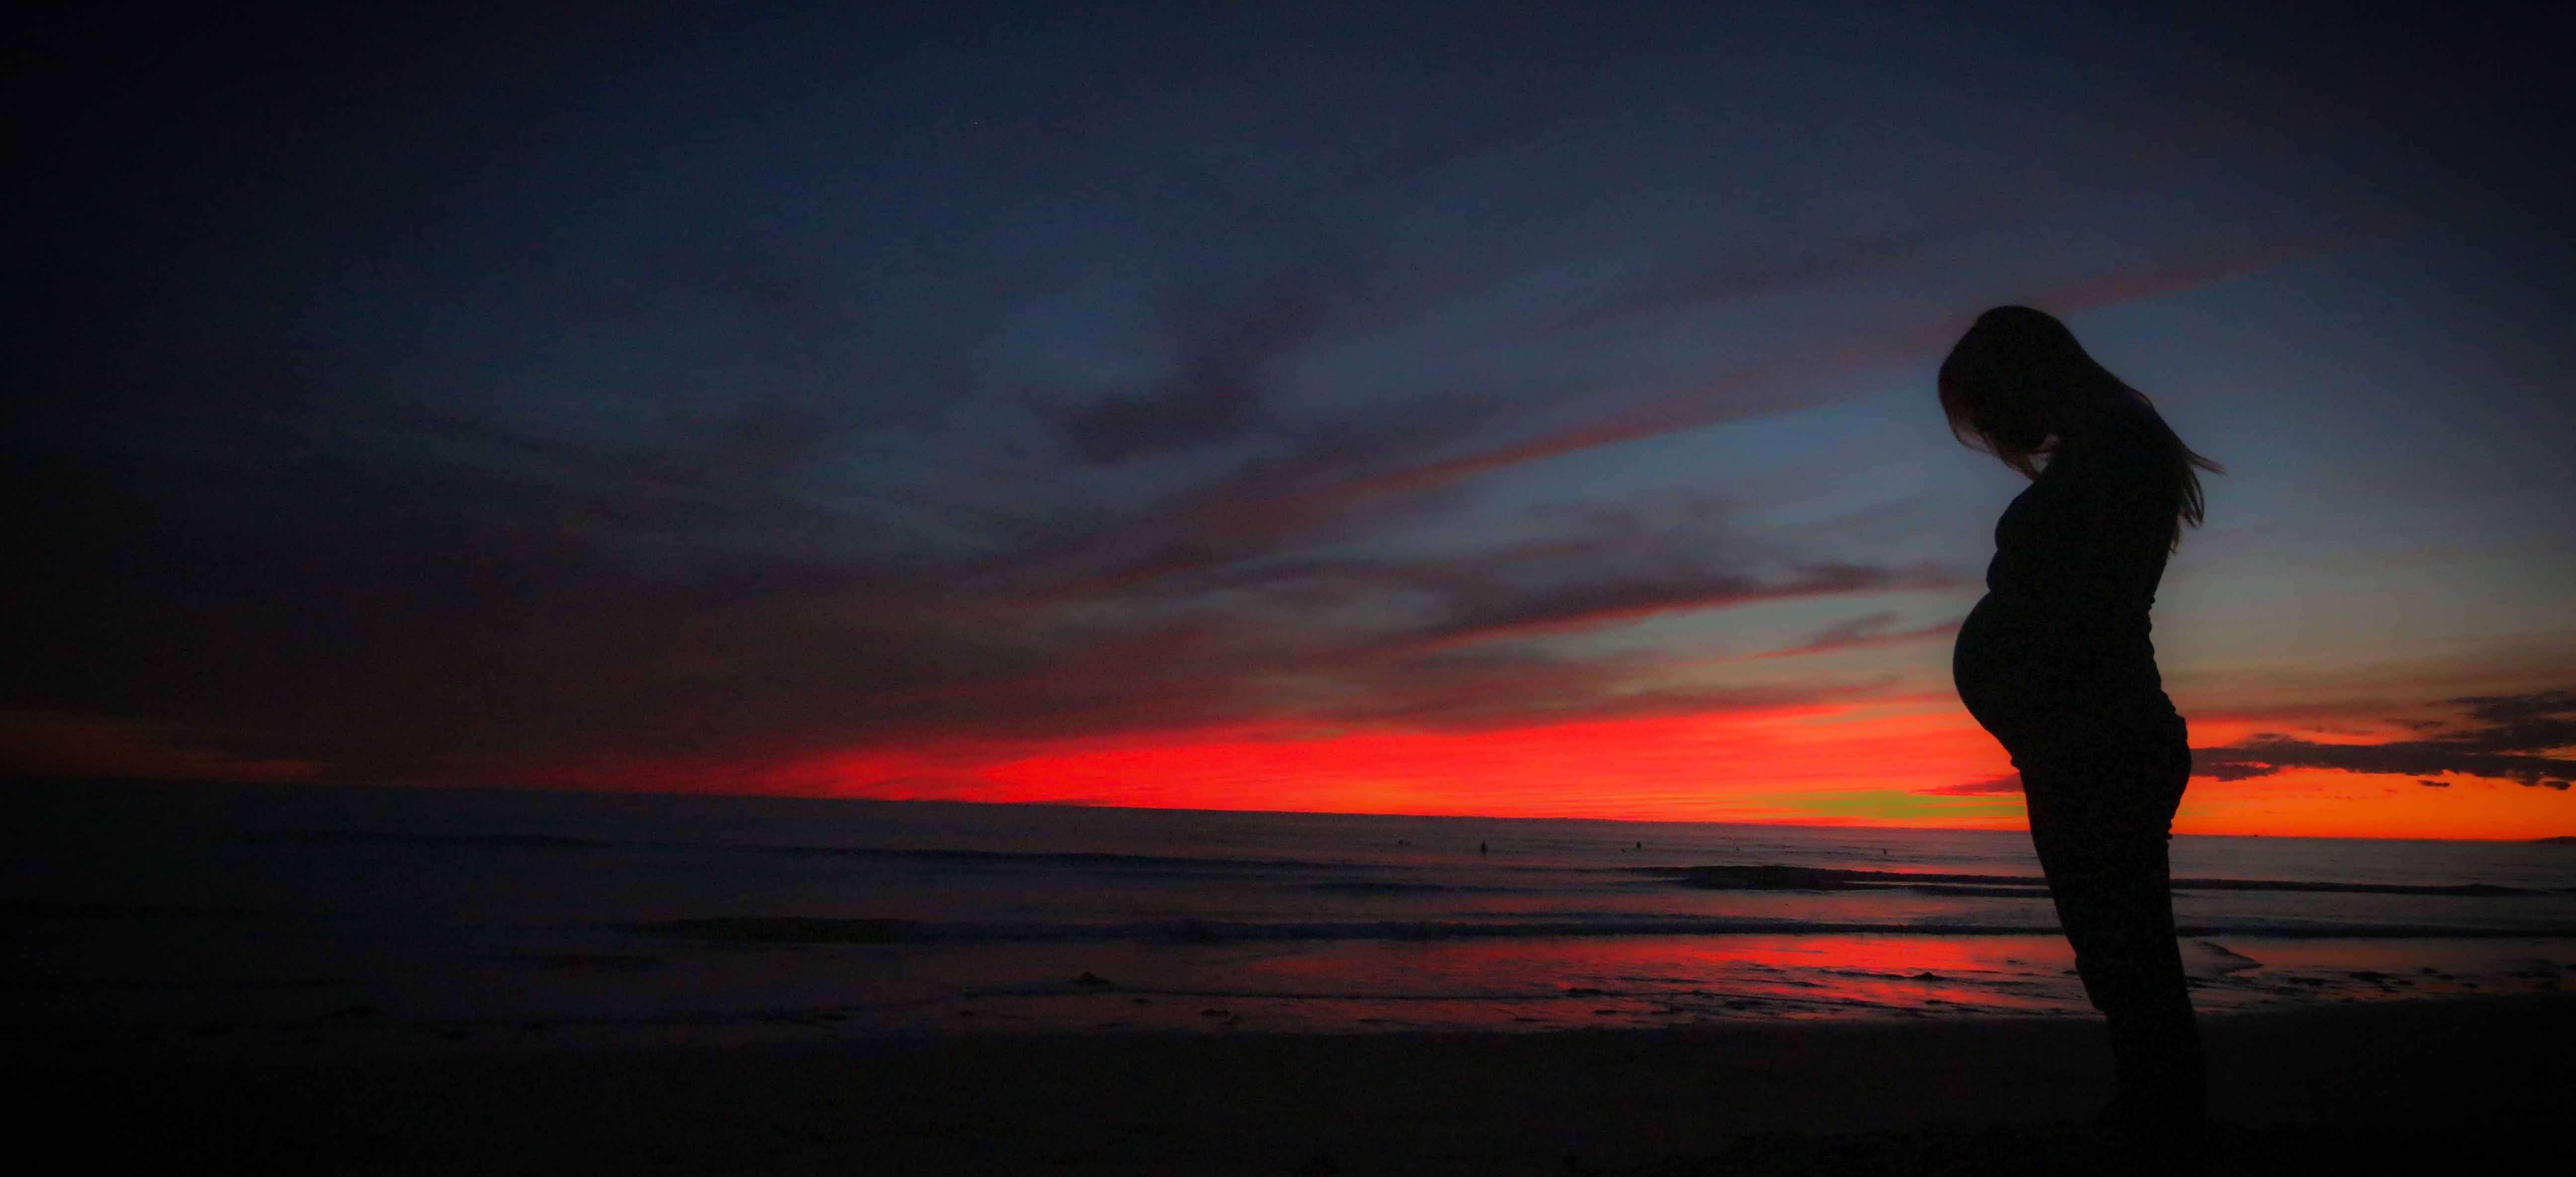 夕暮れの海に立つ妊婦